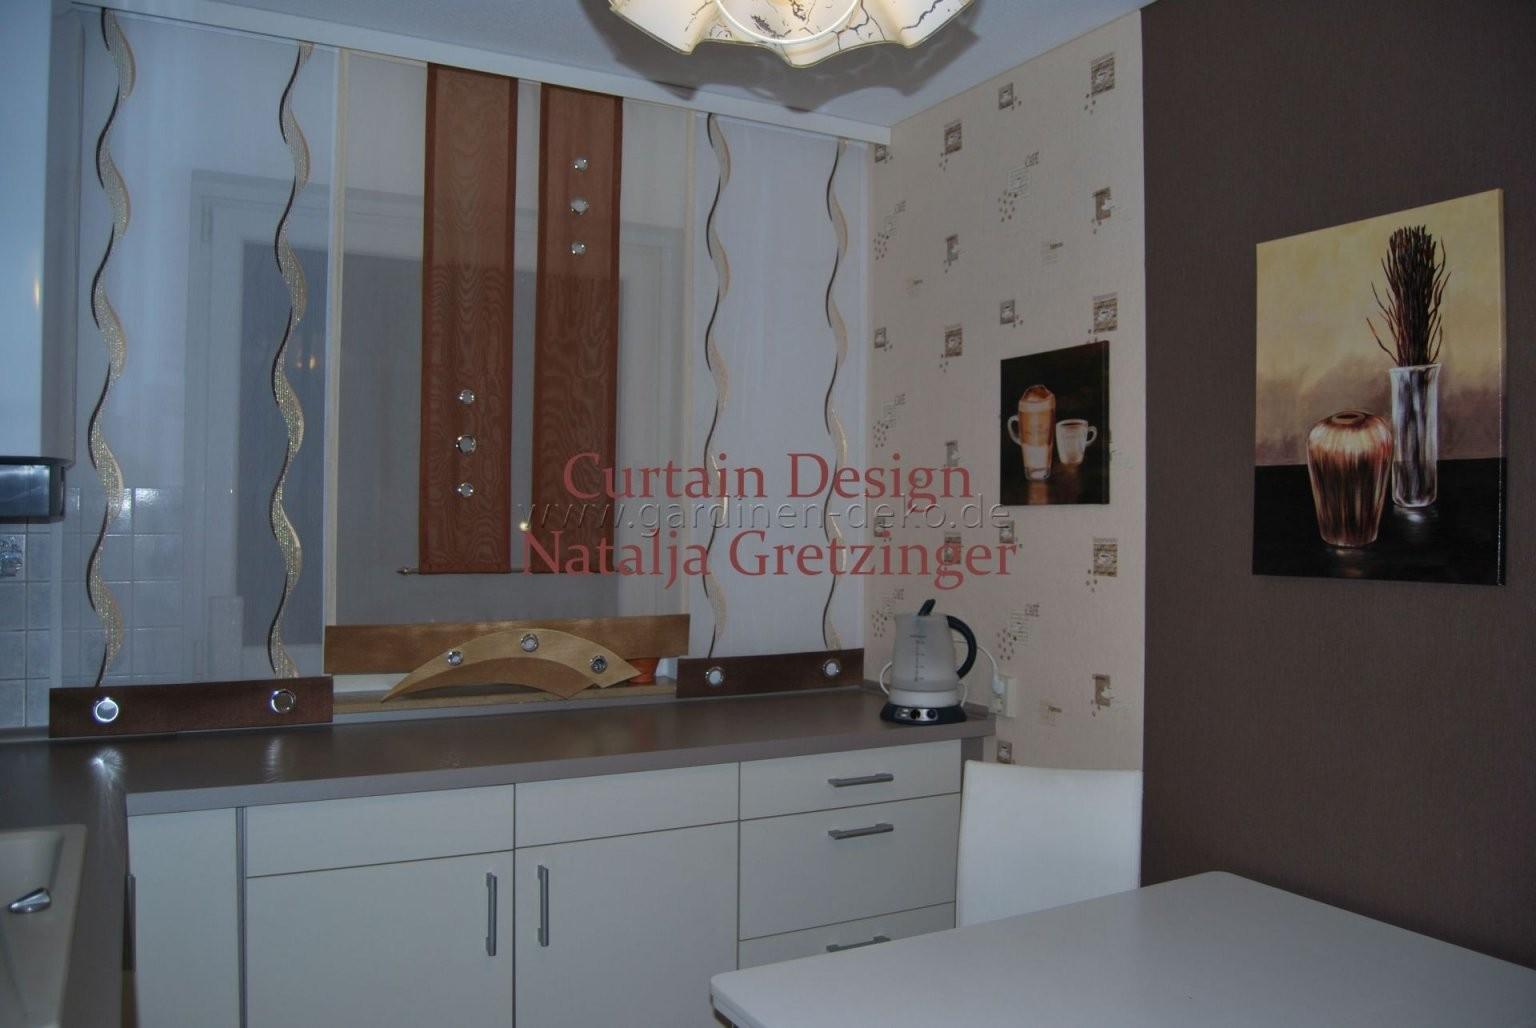 Schiebe Gardine Im Modernen Design Für Die Küche  Gardinendeko von Vorhänge Für Die Küche Bild